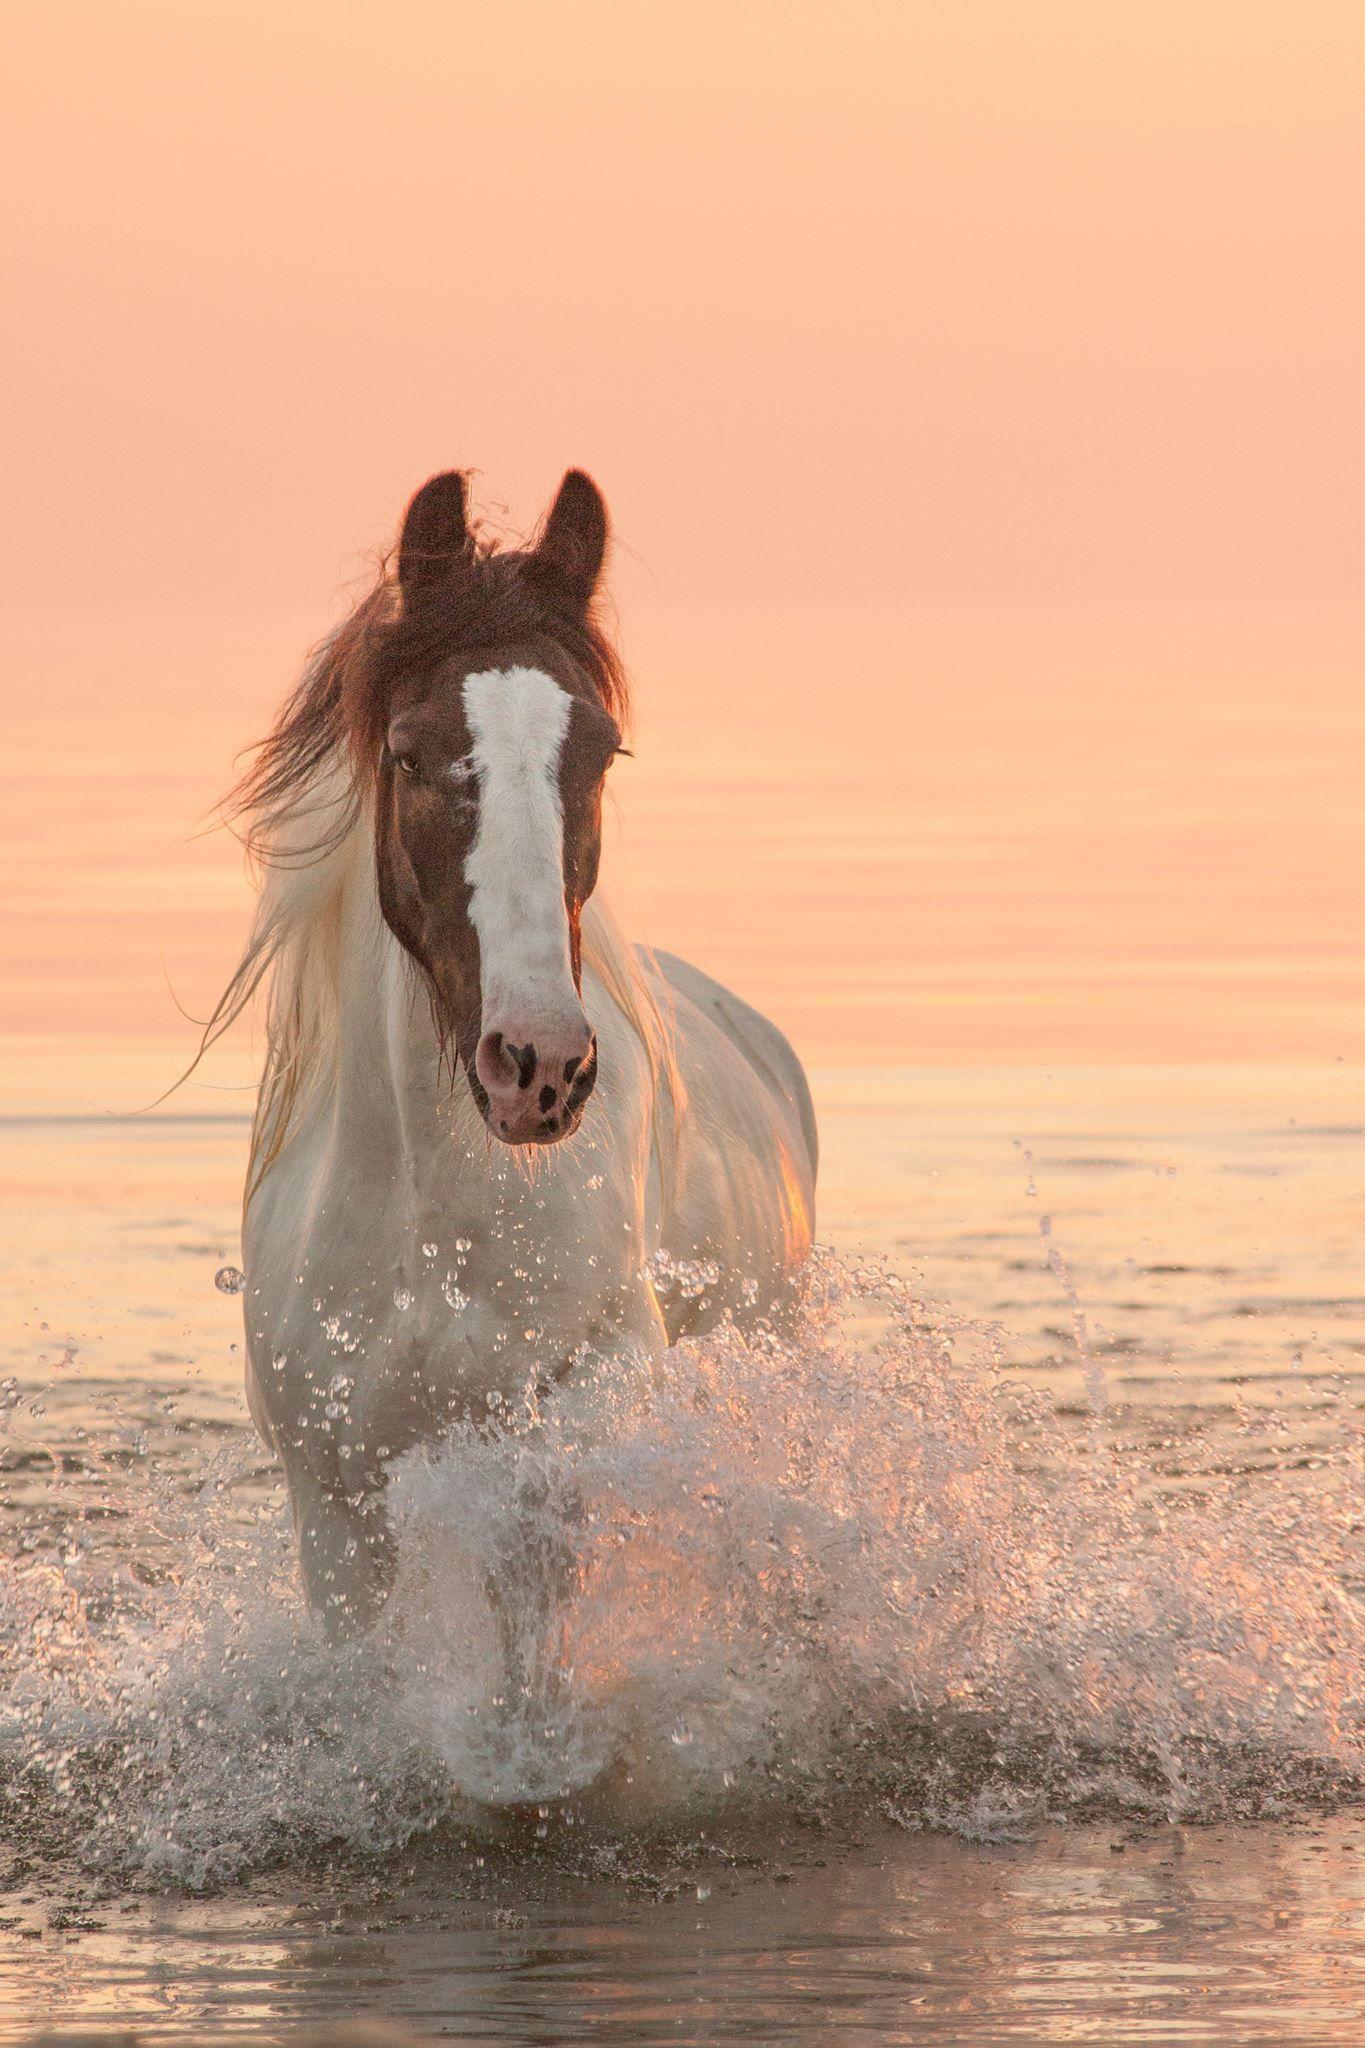 horse photography sunrise horse is a majestic beauty by foto zdanka pferde niedliche